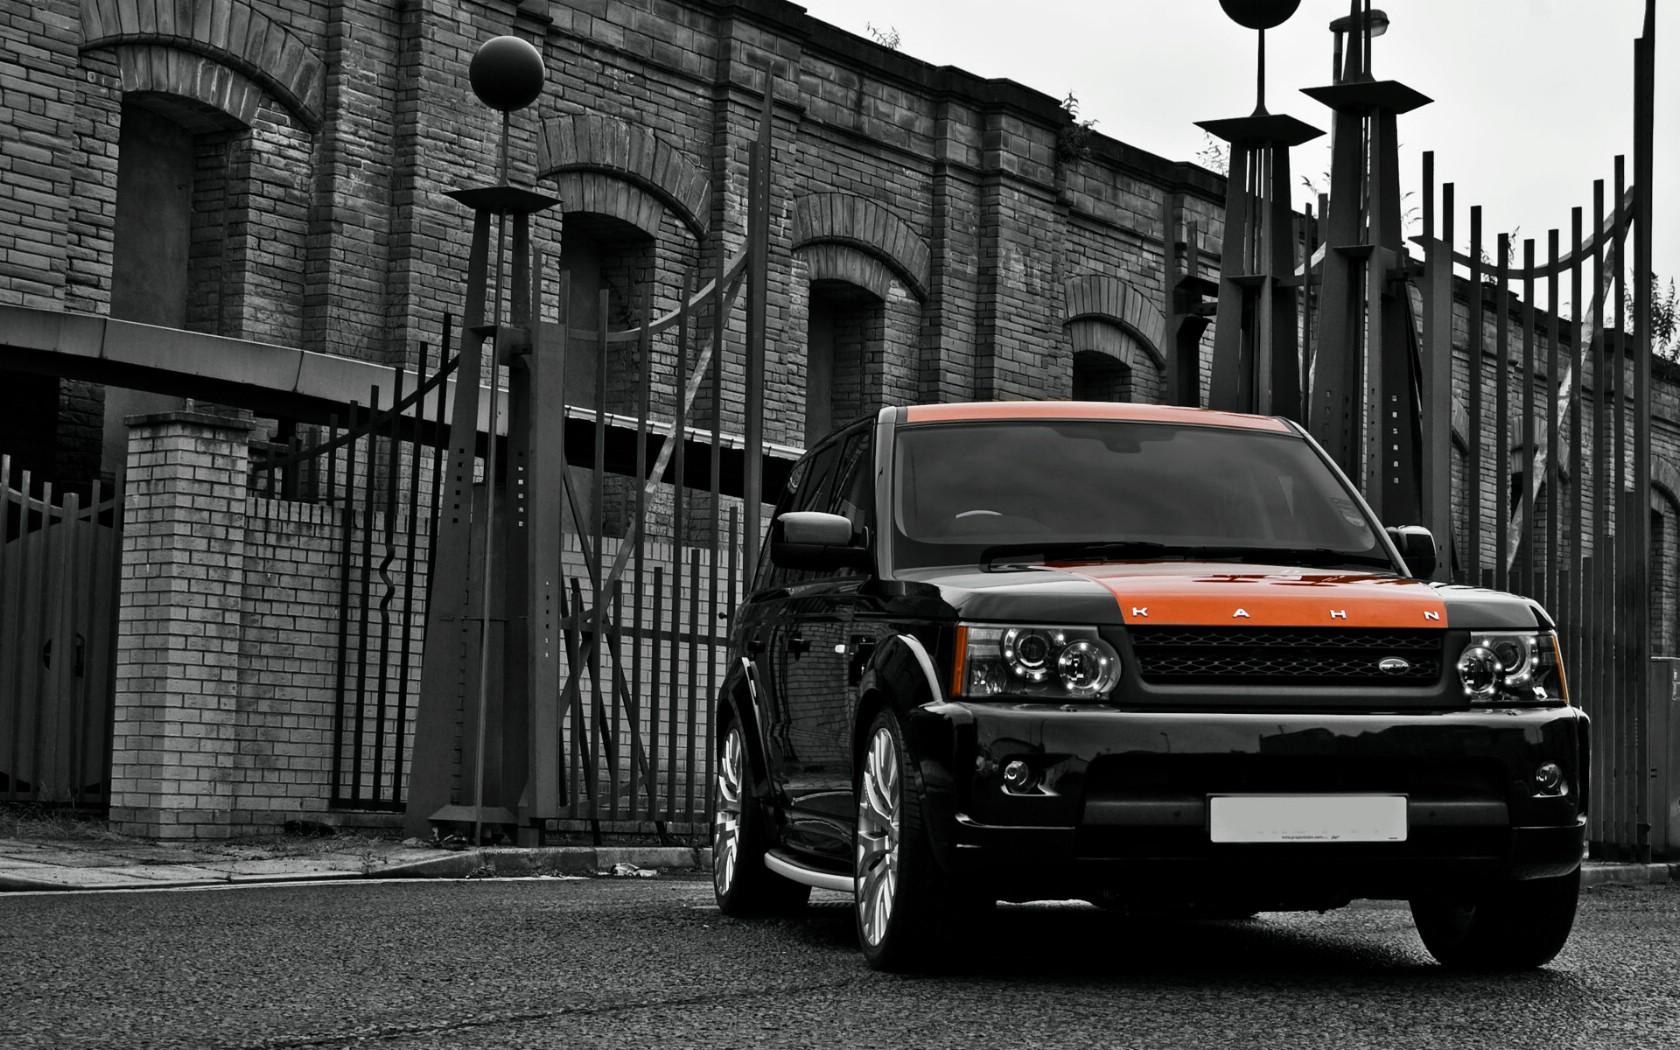 壁纸1680×10502010 路虎揽胜 Project Kahn Range Rover Sport Vesuvius Edition 壁纸2壁纸 2010路虎揽胜壁纸图片汽车壁纸汽车图片素材桌面壁纸